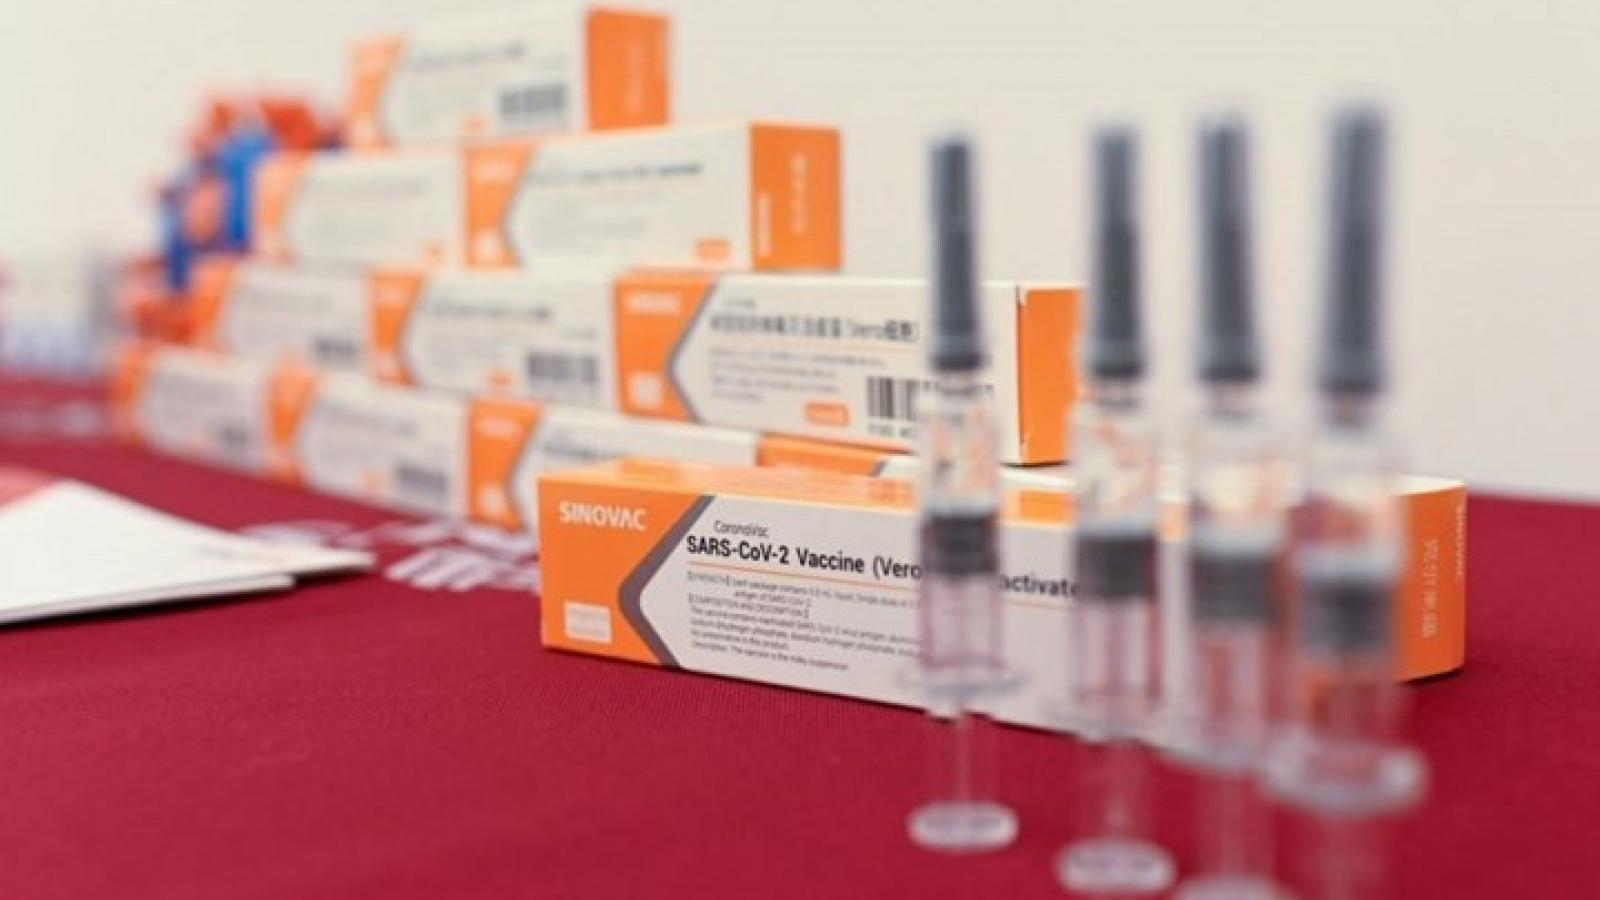 Trung Quốc nghiên cứu tiêm mũi vaccine Covid-19 tăng cường